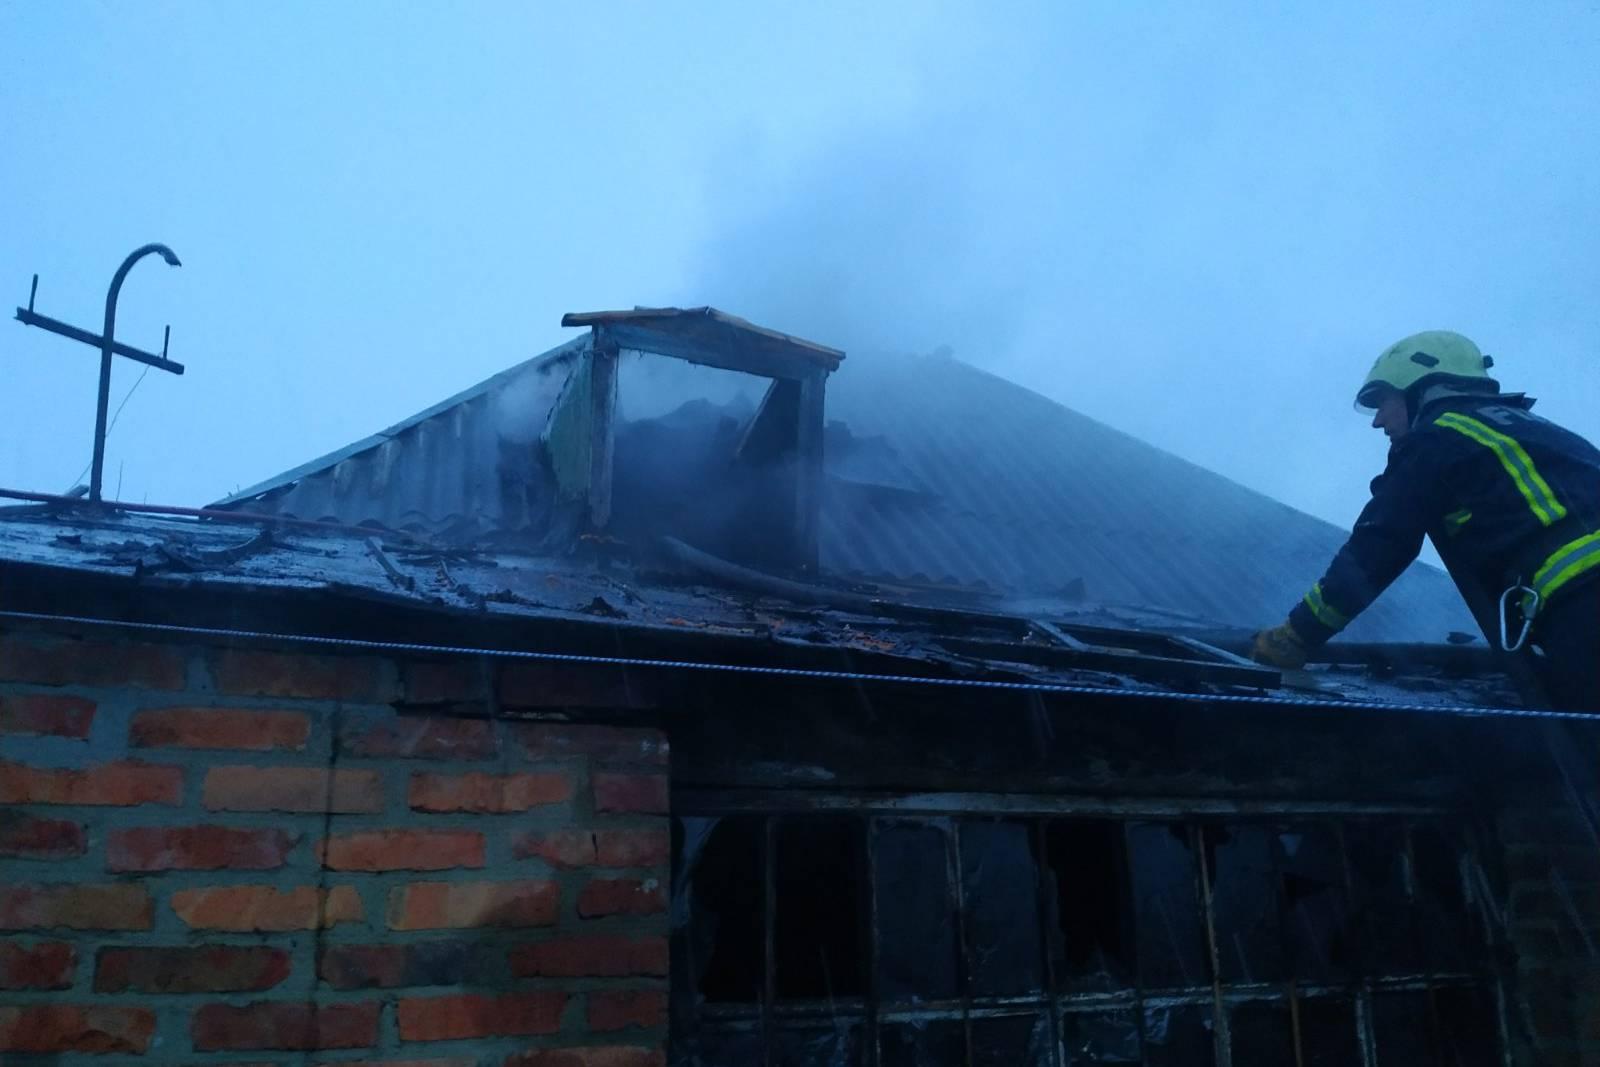 На Харьковщине из-за проводки загорелся дом (фото)